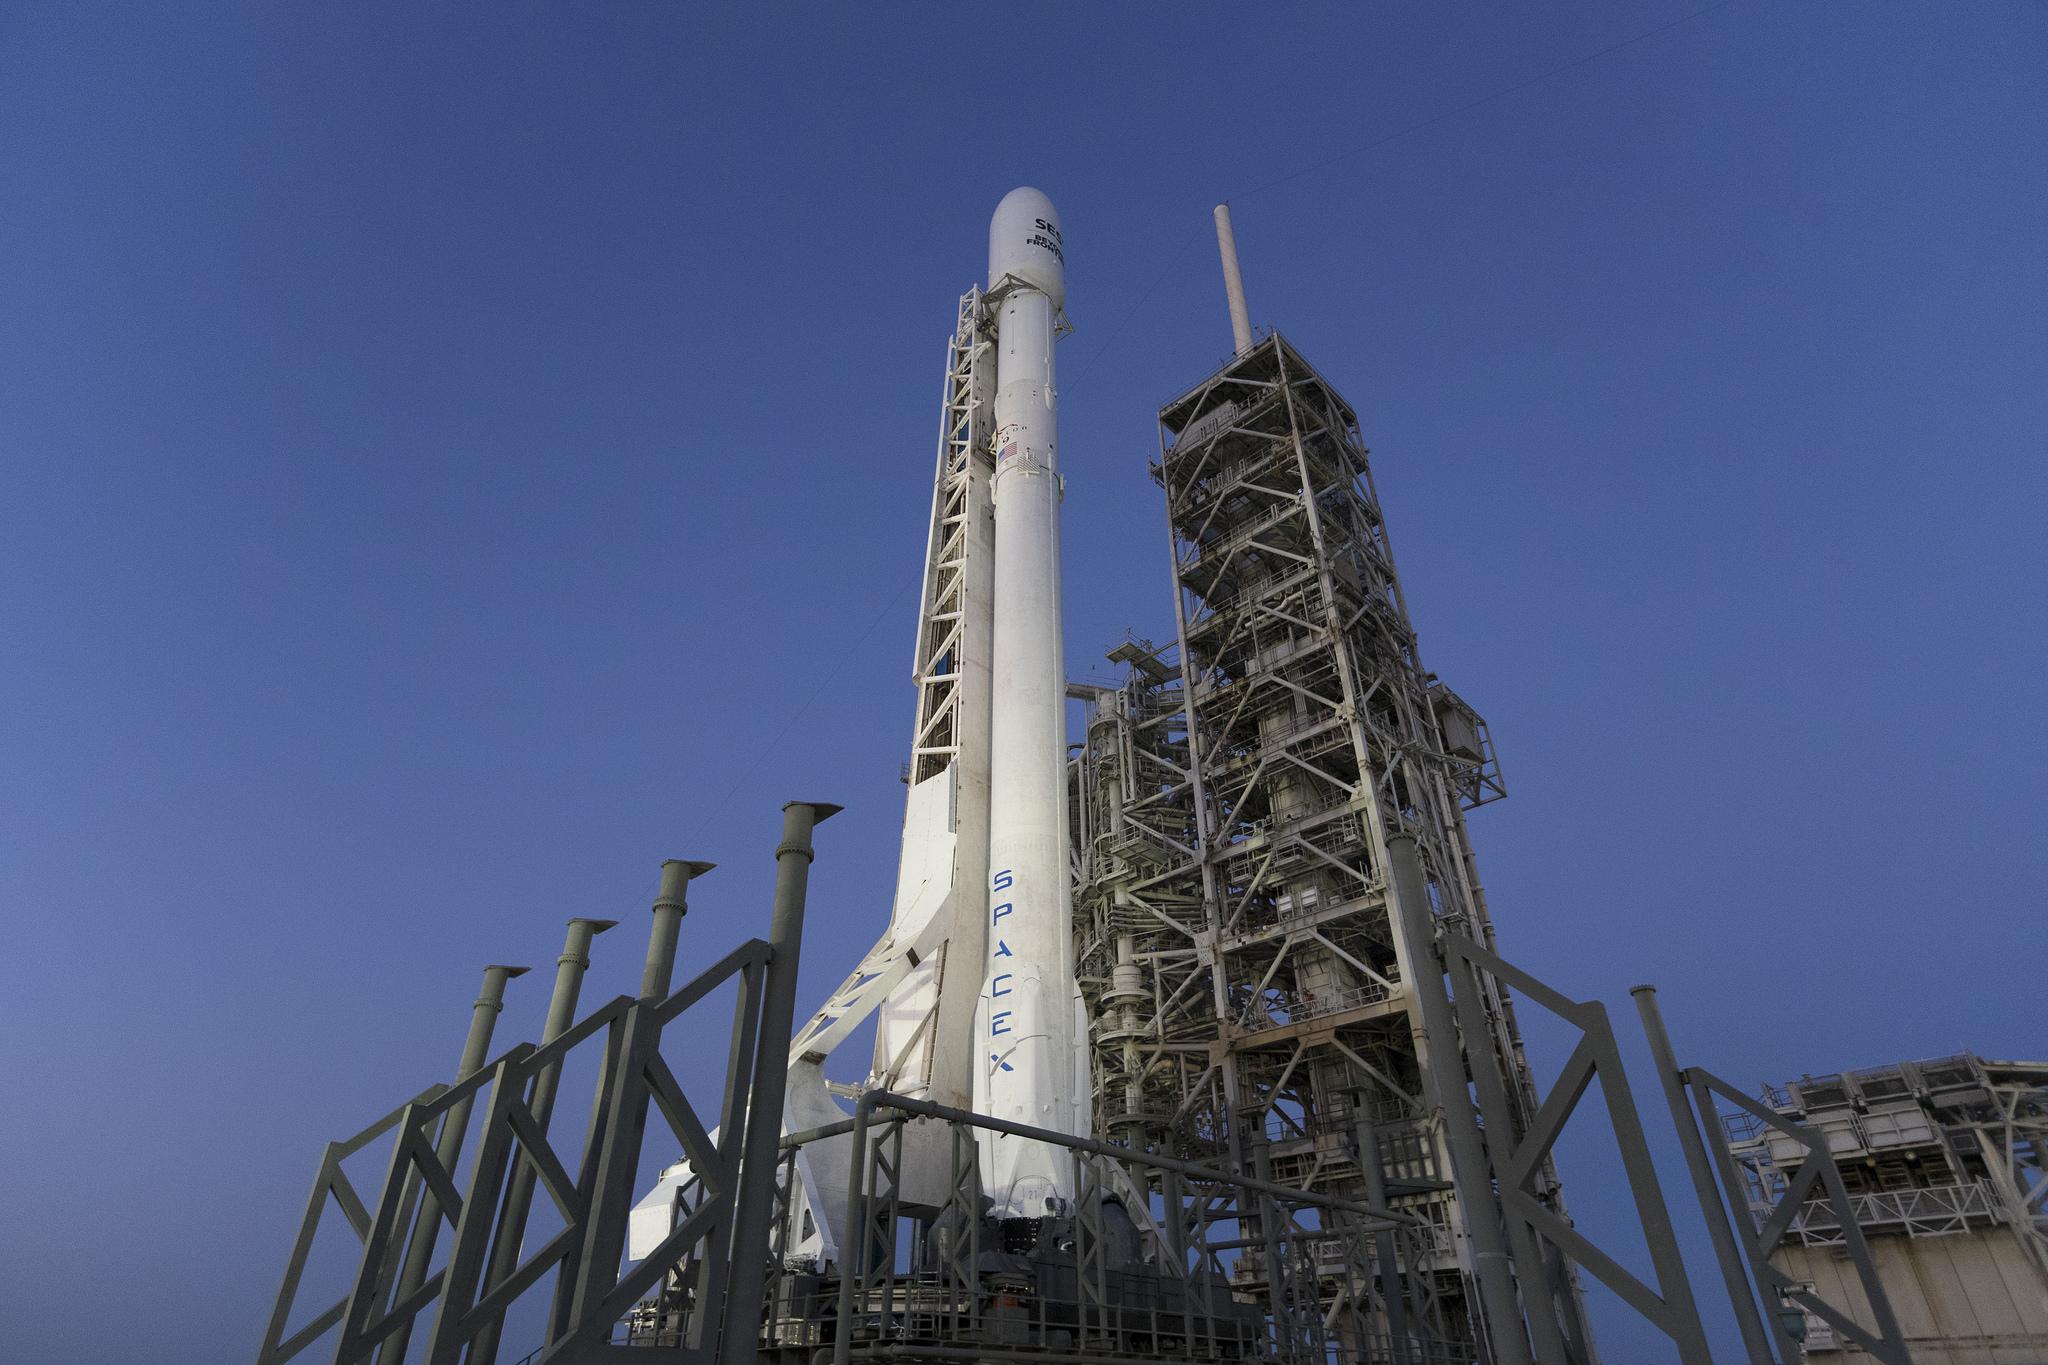 Falcon 9 1